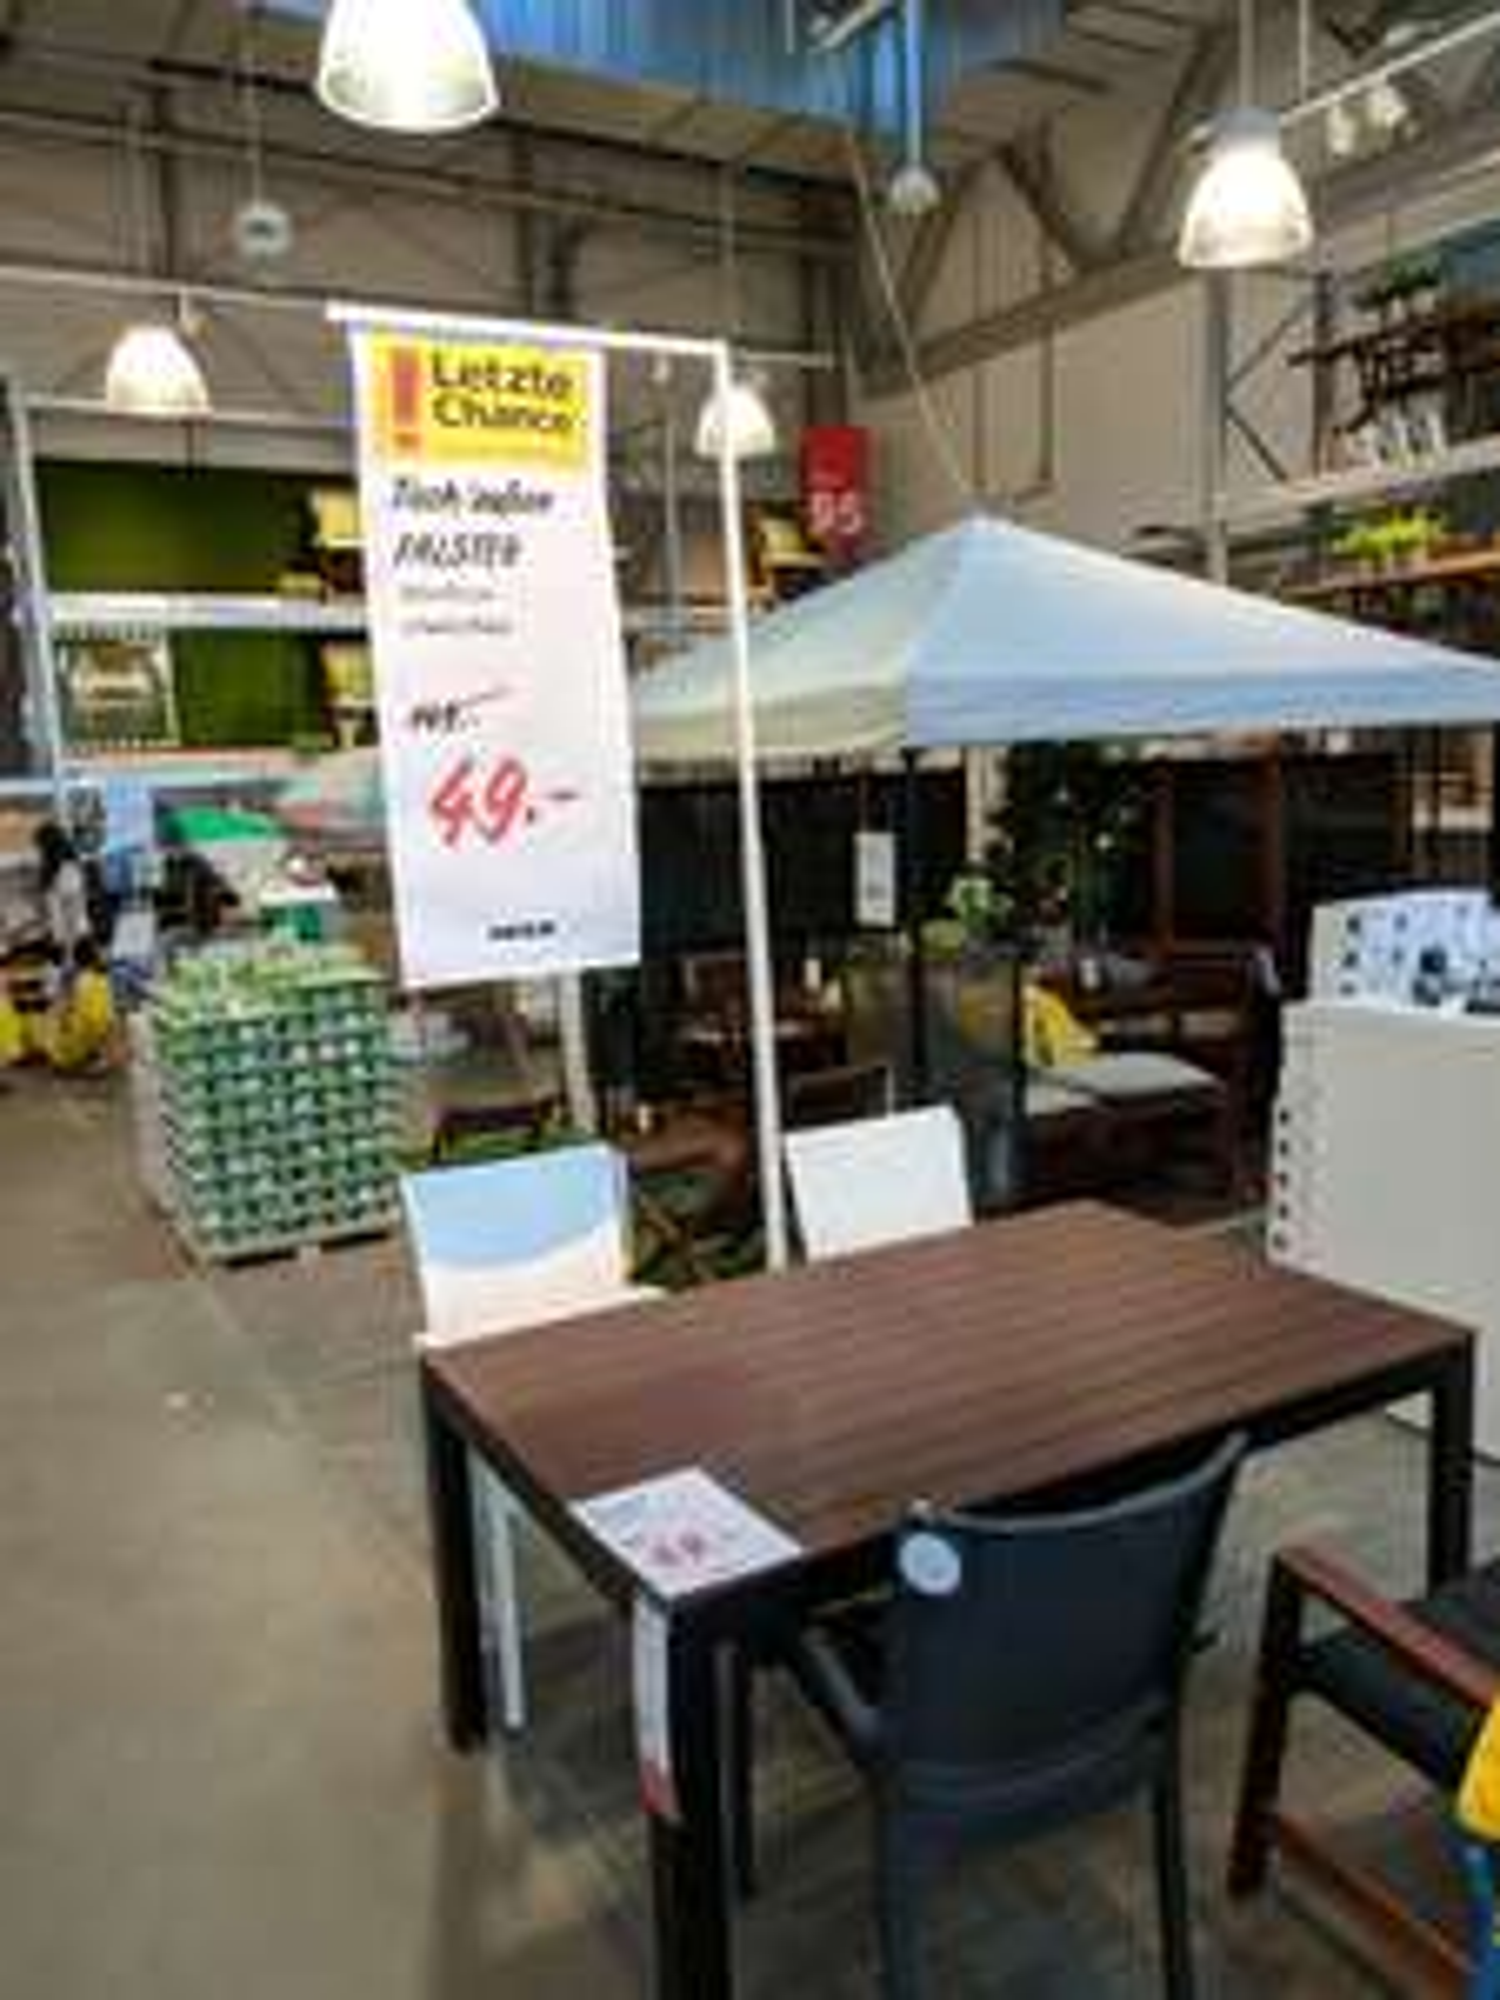 Tisch außen Falster Ikea Brunnthal